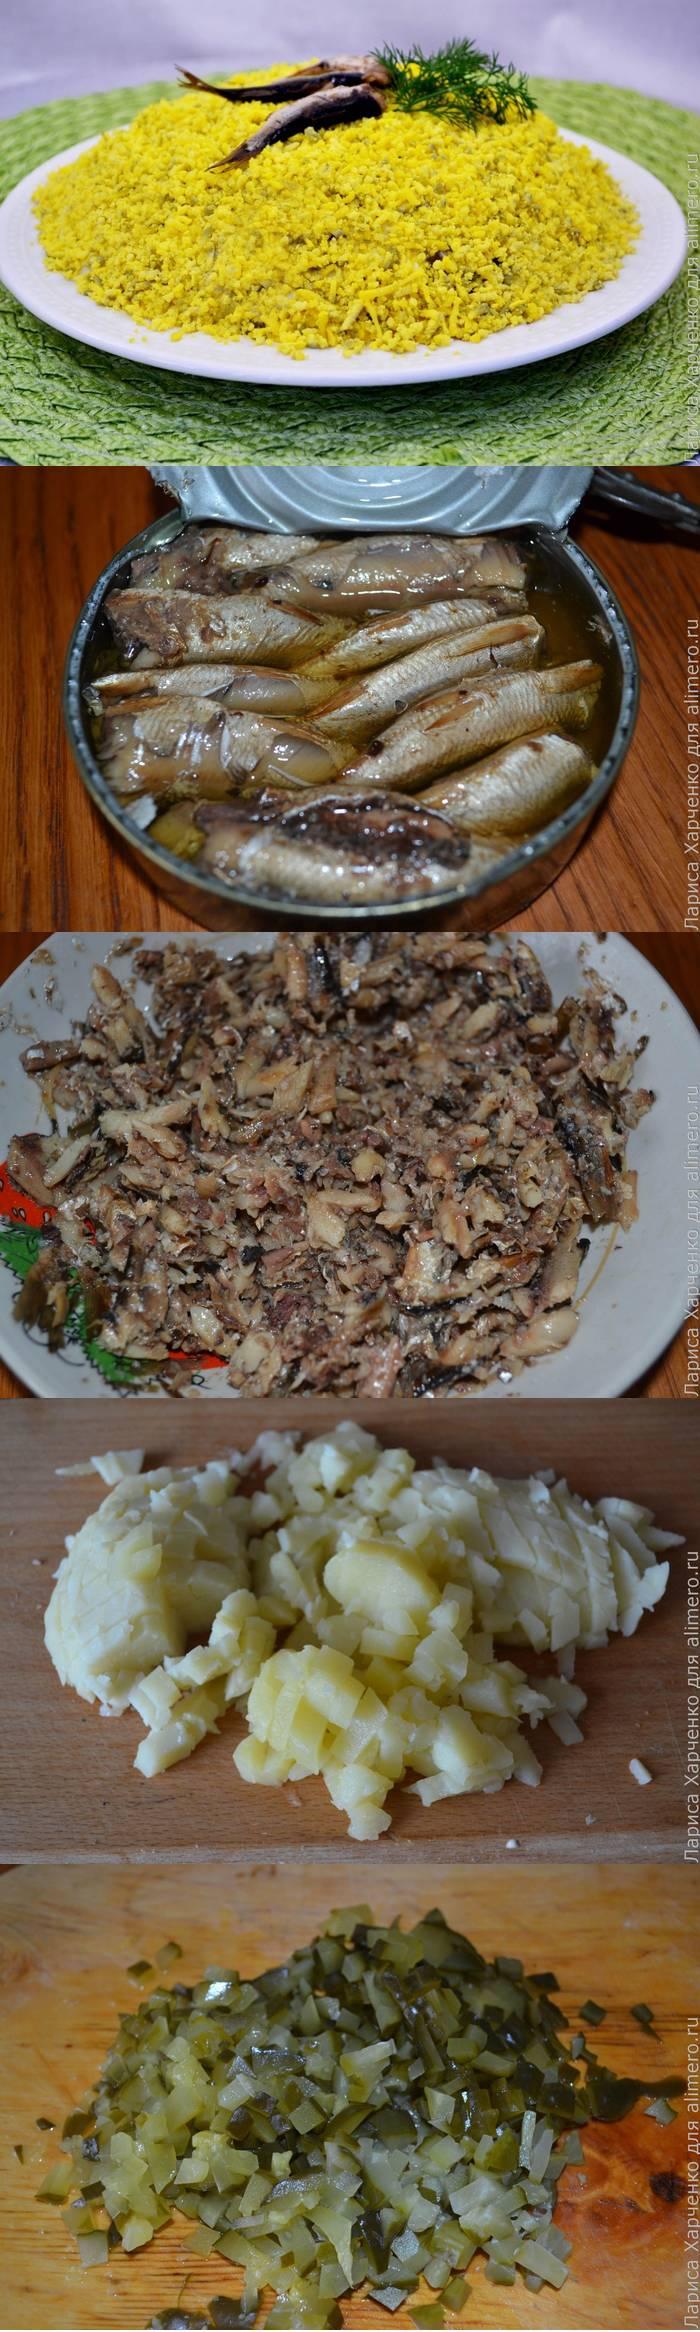 Салат со шпротами и солеными огурцами